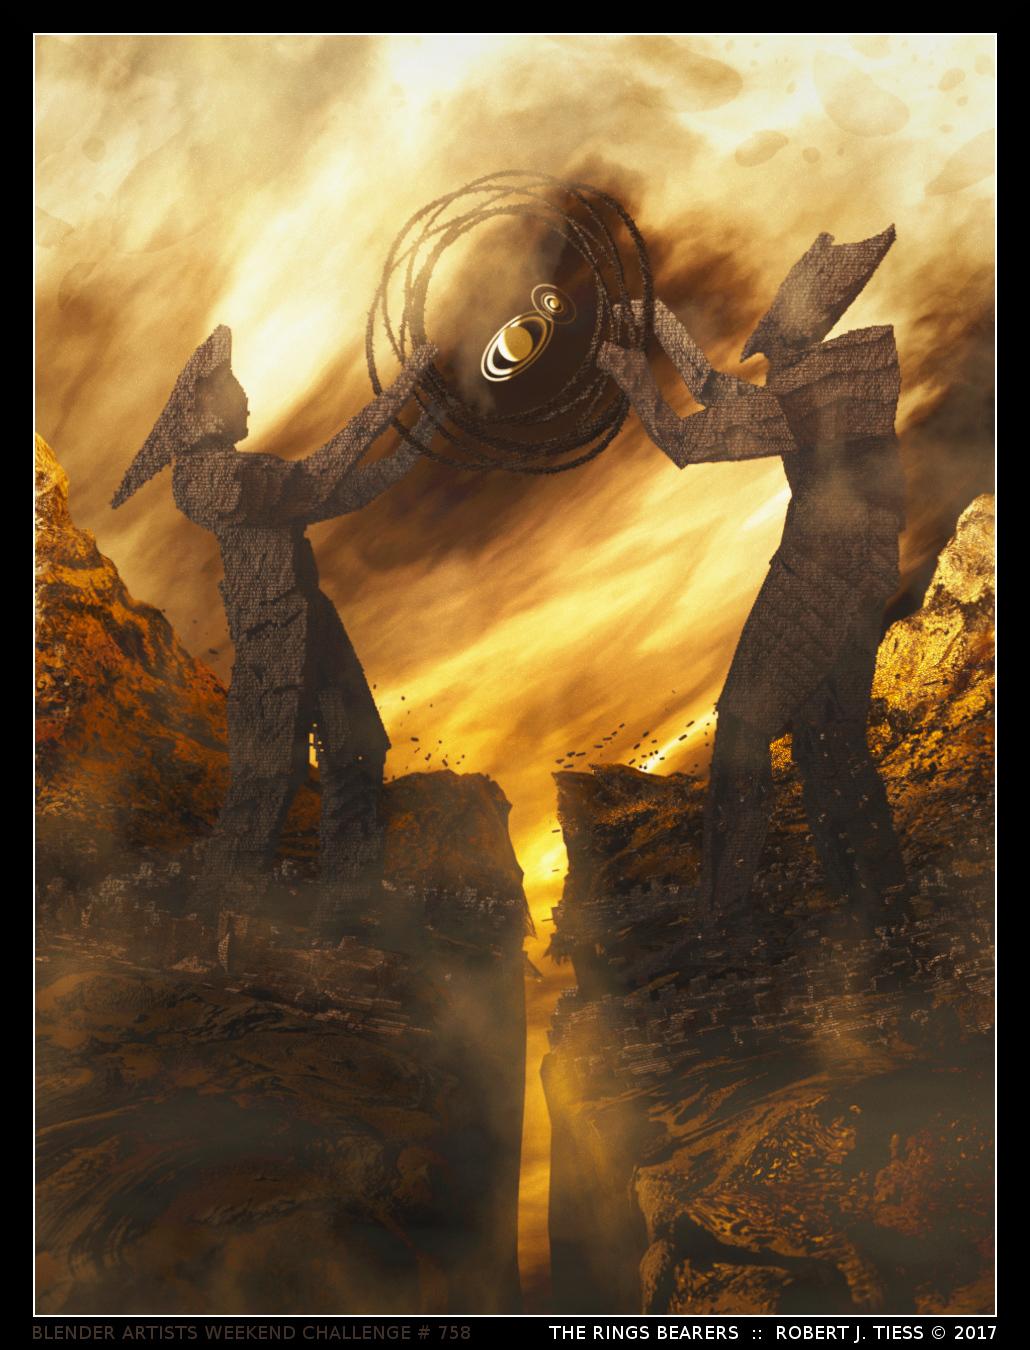 The Rings Bearers - By Robert J. Tiess